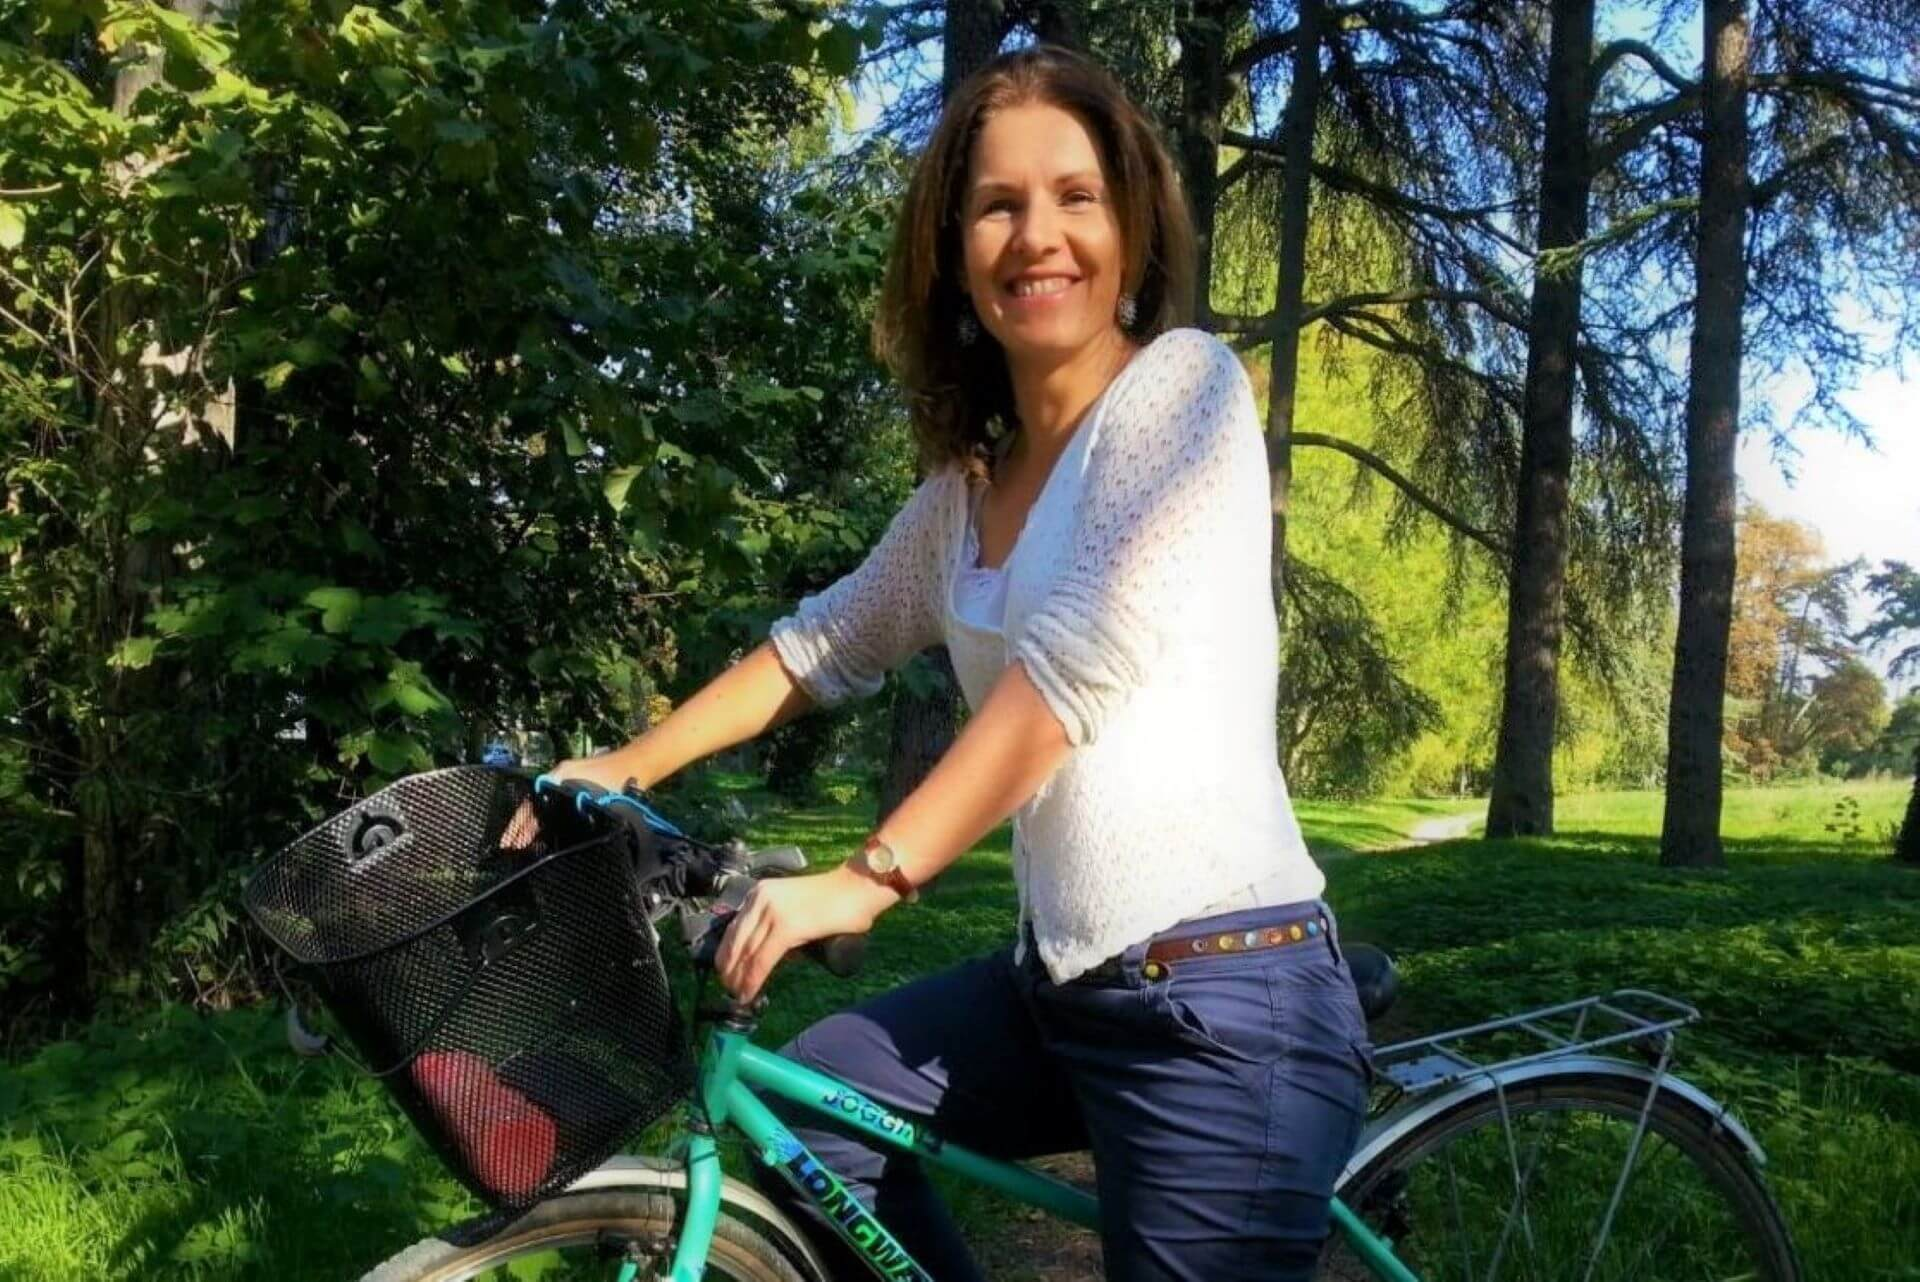 Vélo : nos dix conseils pour bien rouler en ville